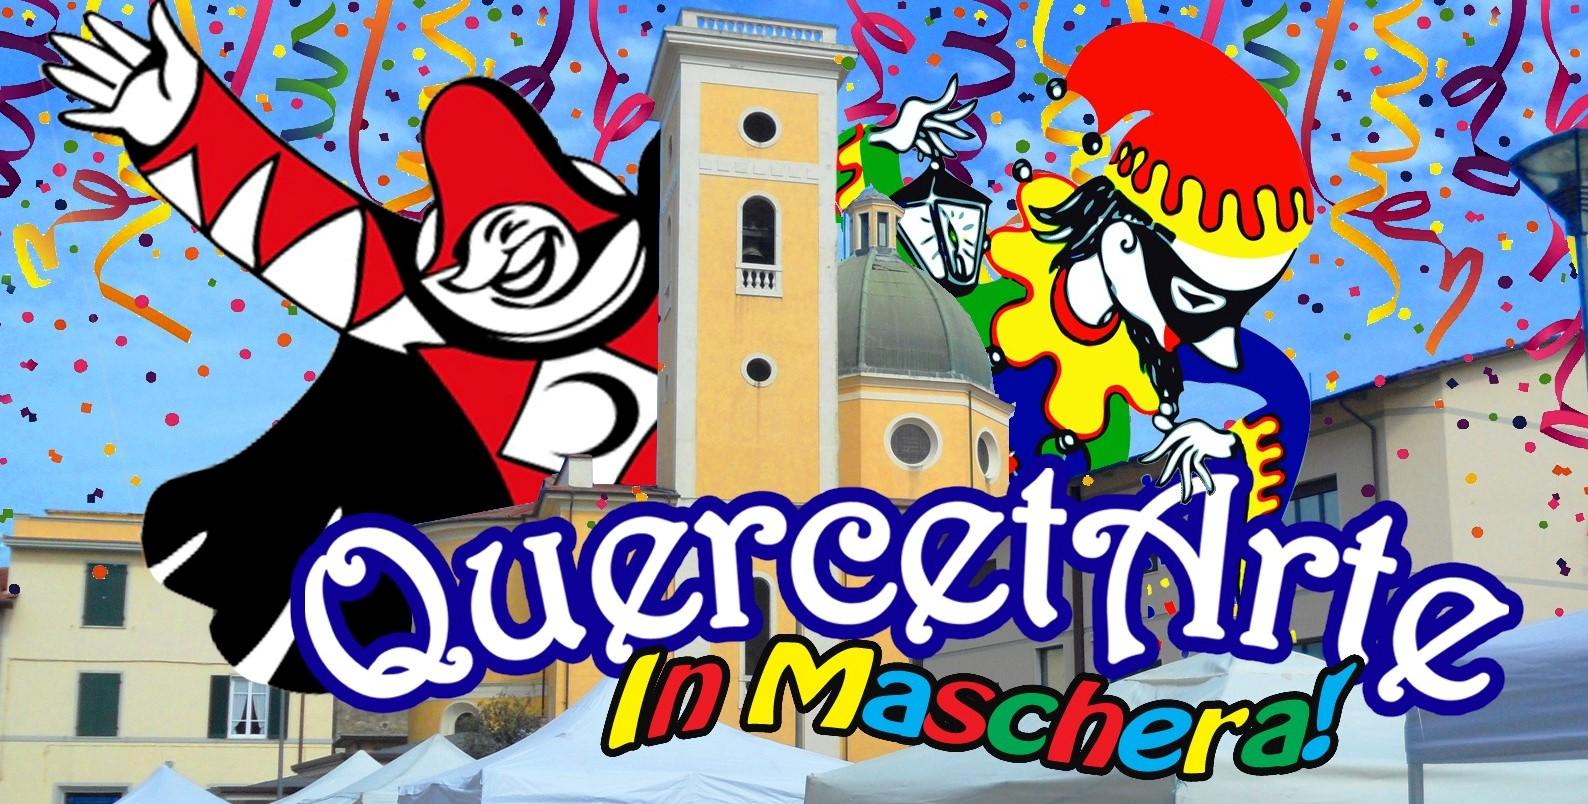 Sabato 22 febbraio l'Associazione Culturale QuercetArte festeggia il Carnevale in piazza Pertini, a Querceta! Dalle ore 9.00 alle 19.00, MERCATINO con tanti banchi di artigianato, antiquariato e prodotti gastronomici. Nel pomeriggio, FESTA IN MASCHERA per tutti i bambini, con musica e balli a cura della Cooperativa Cassiopea. Inoltre, alcune mascherate provenienti direttamente dai Carnevali della Versilia e di Viareggio animeranno le vie del paese con le loro coloratissime coreografie. INFO:393 635 1713 | facebook